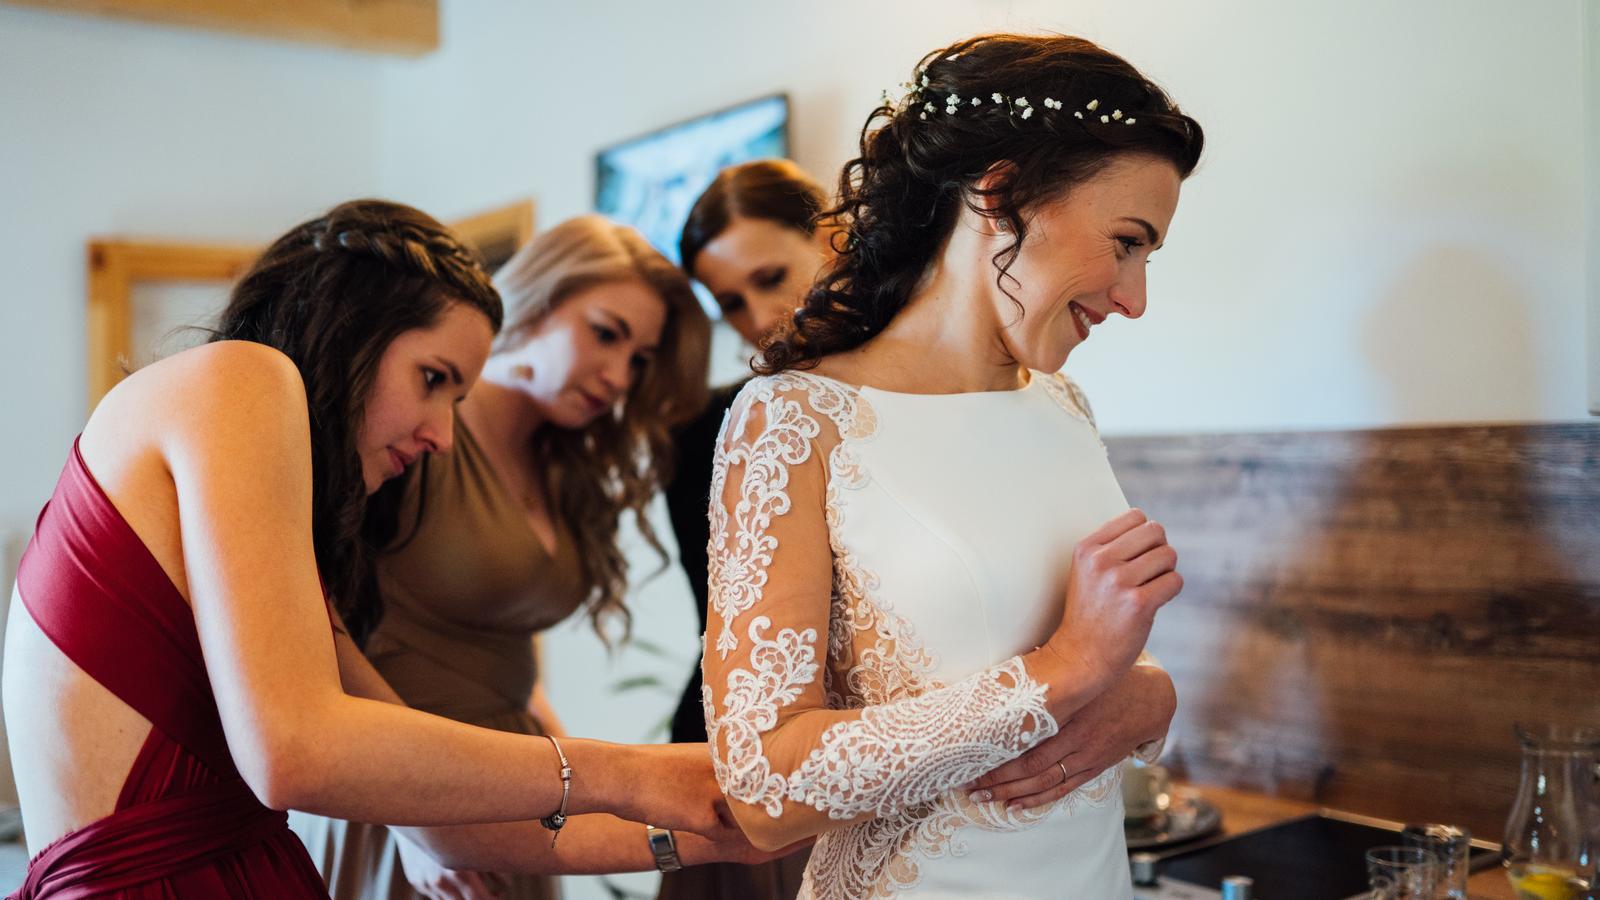 Kateřina & Tomáš (Podzimní svatba 2019) - Obrázek č. 11